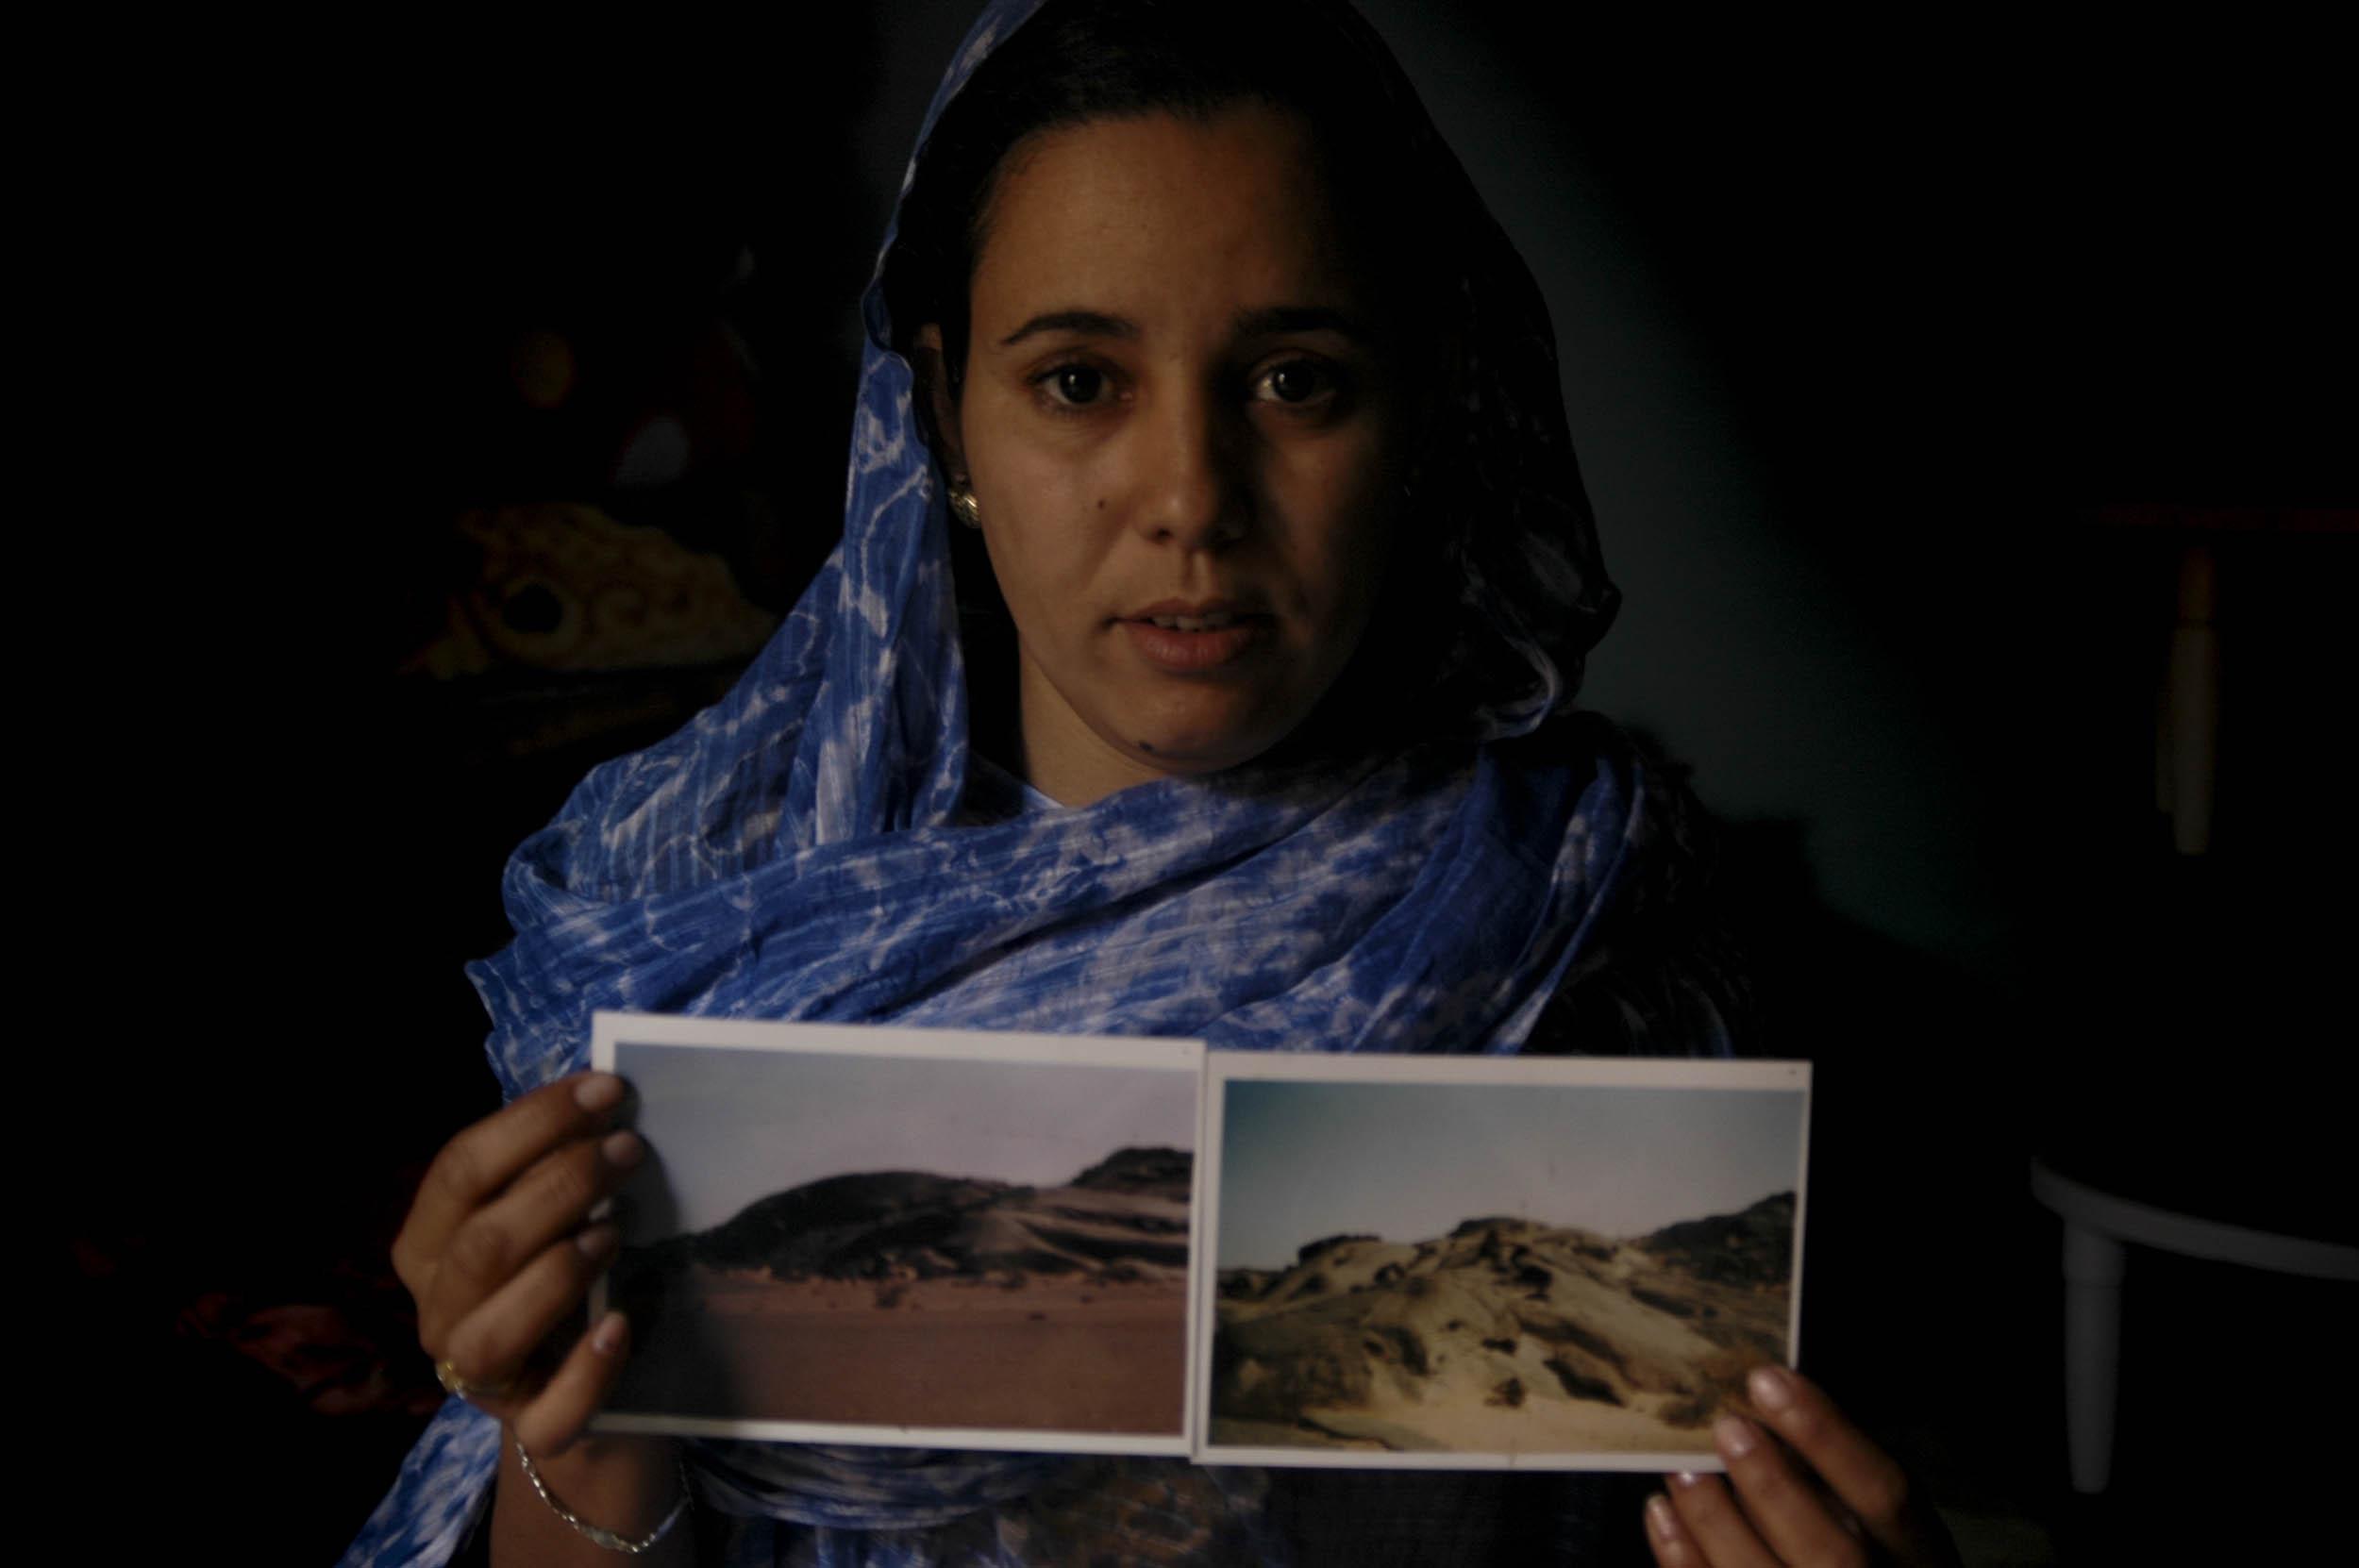 Territorios ocupados, Sahara - Ethnos - Hector Garrido, Aerial and human photography